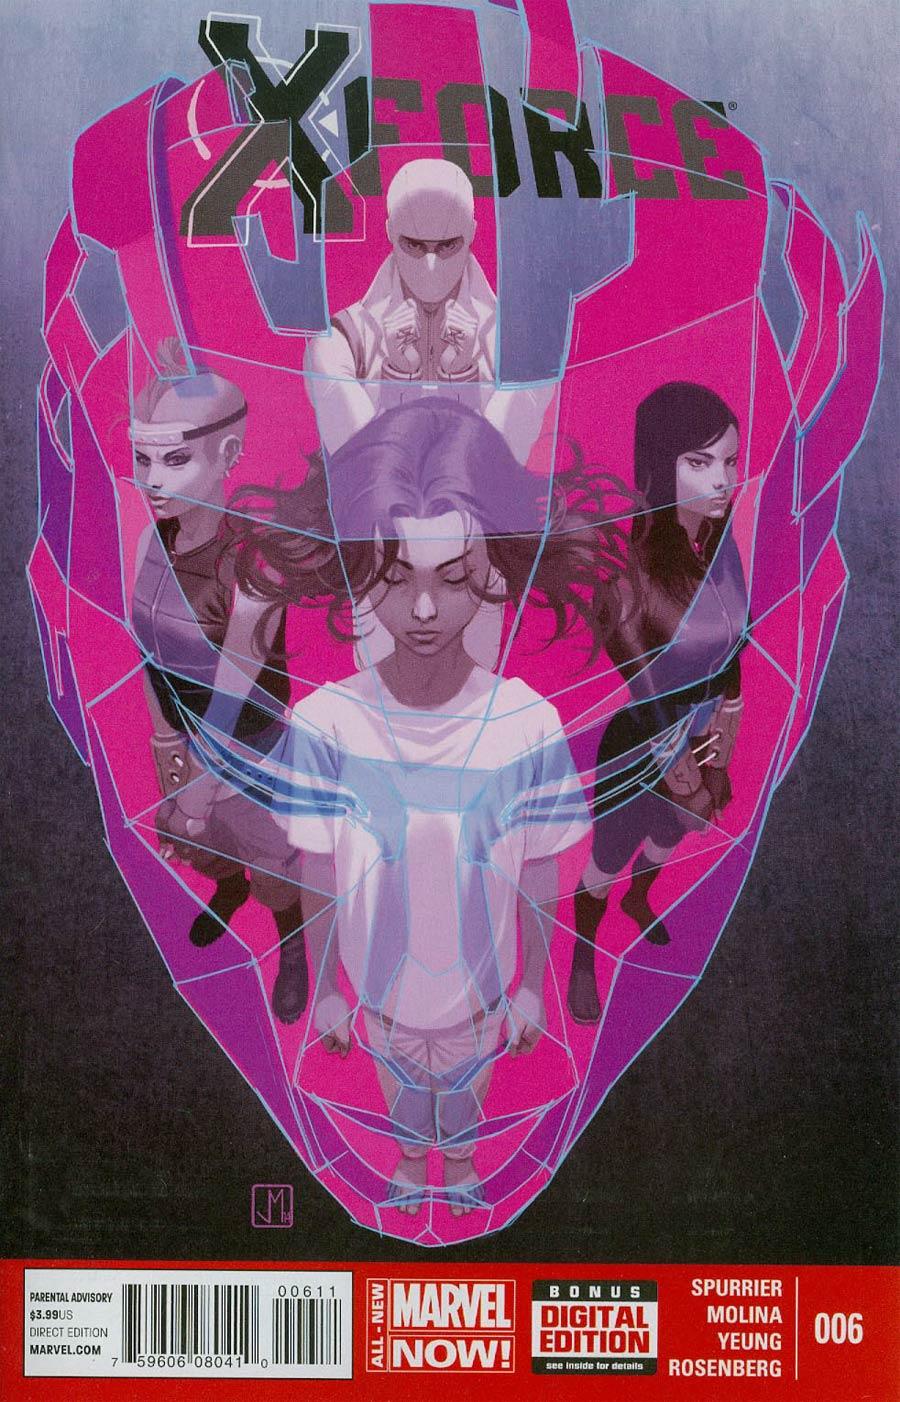 X-Force Vol 4 #6